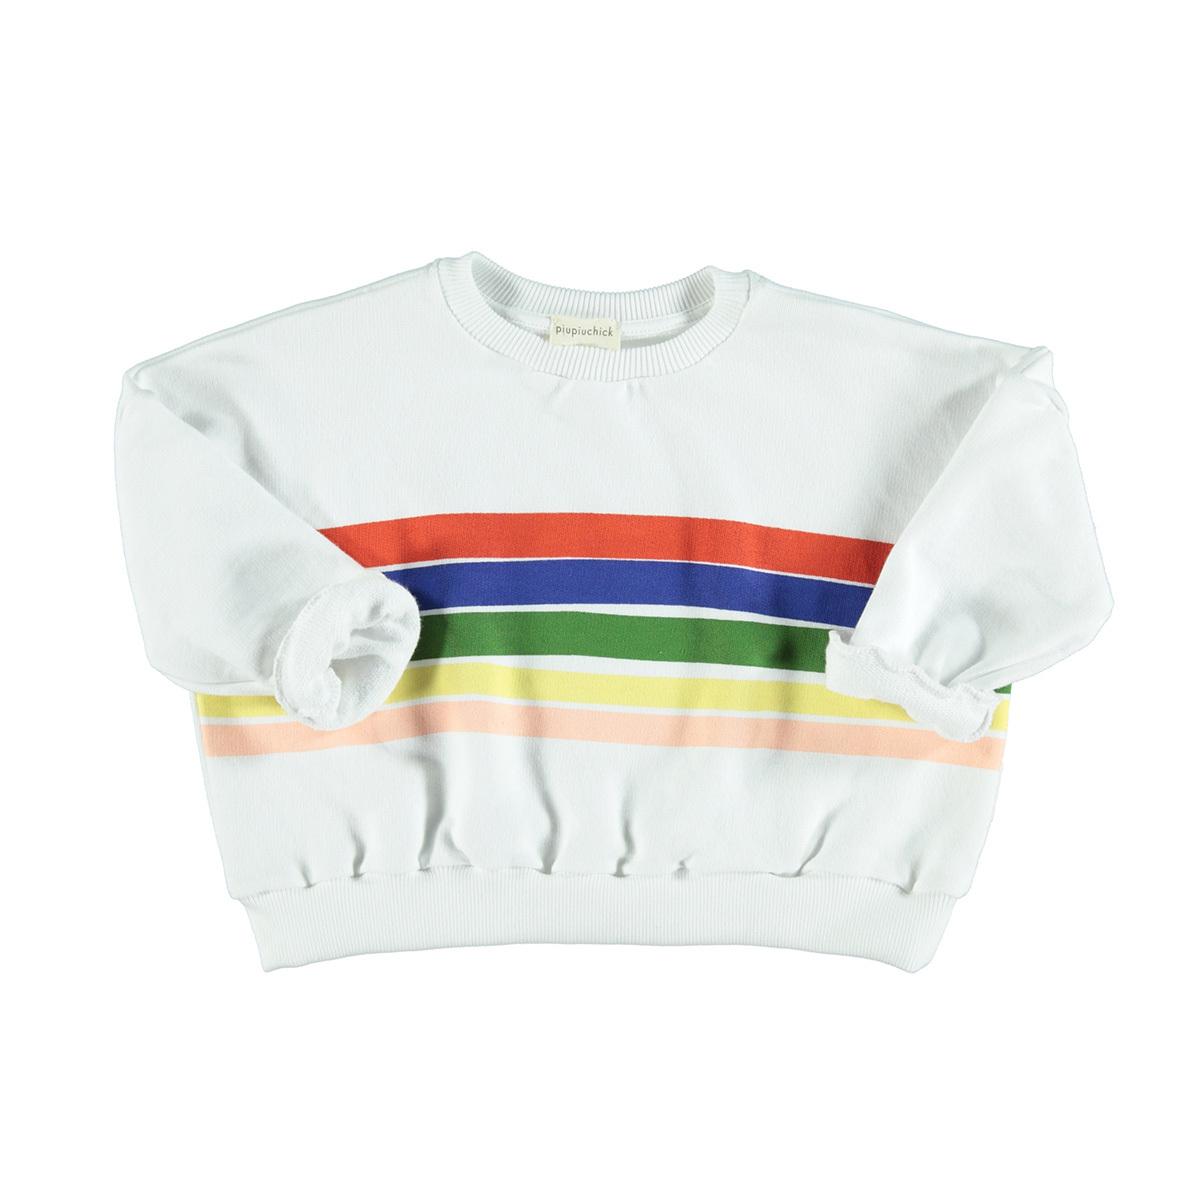 Haut bébé Sweatshirt Arc-en-Ciel - 24 Mois Sweatshirt Arc-en-Ciel - 24 Mois